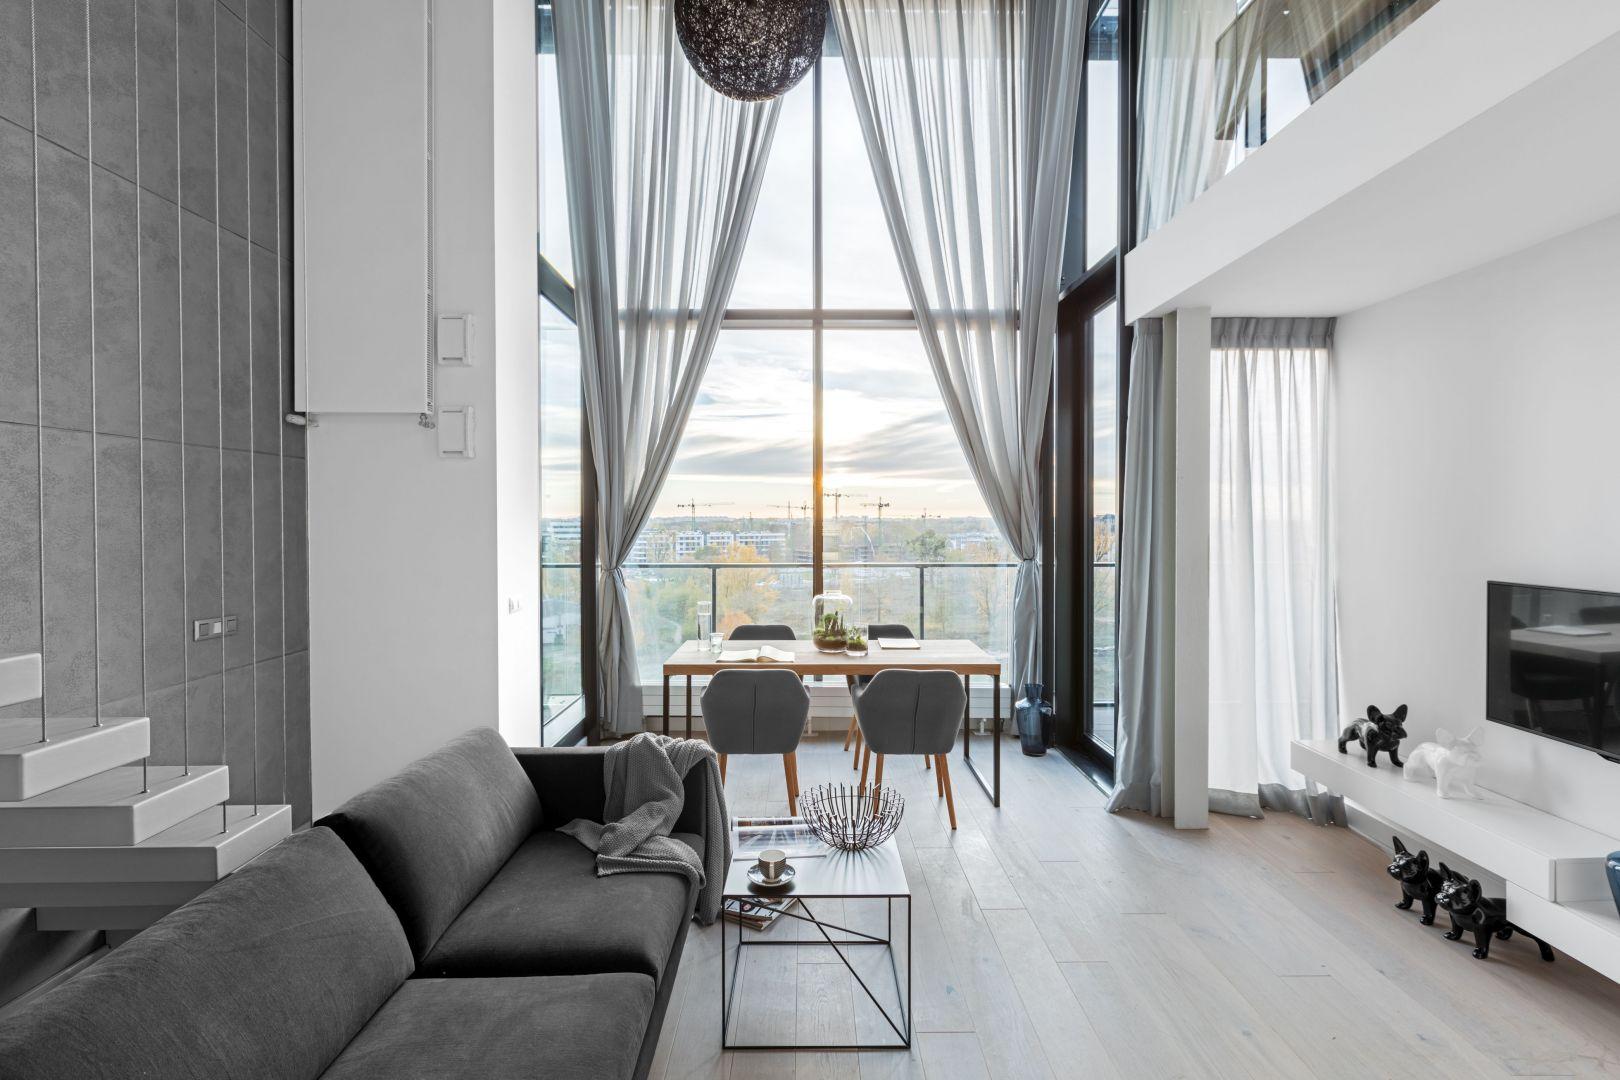 Delikatne zasłony pięknie zdobią okno w nowoczesnym salonie. Projekt i zdjęcia: Decoroom